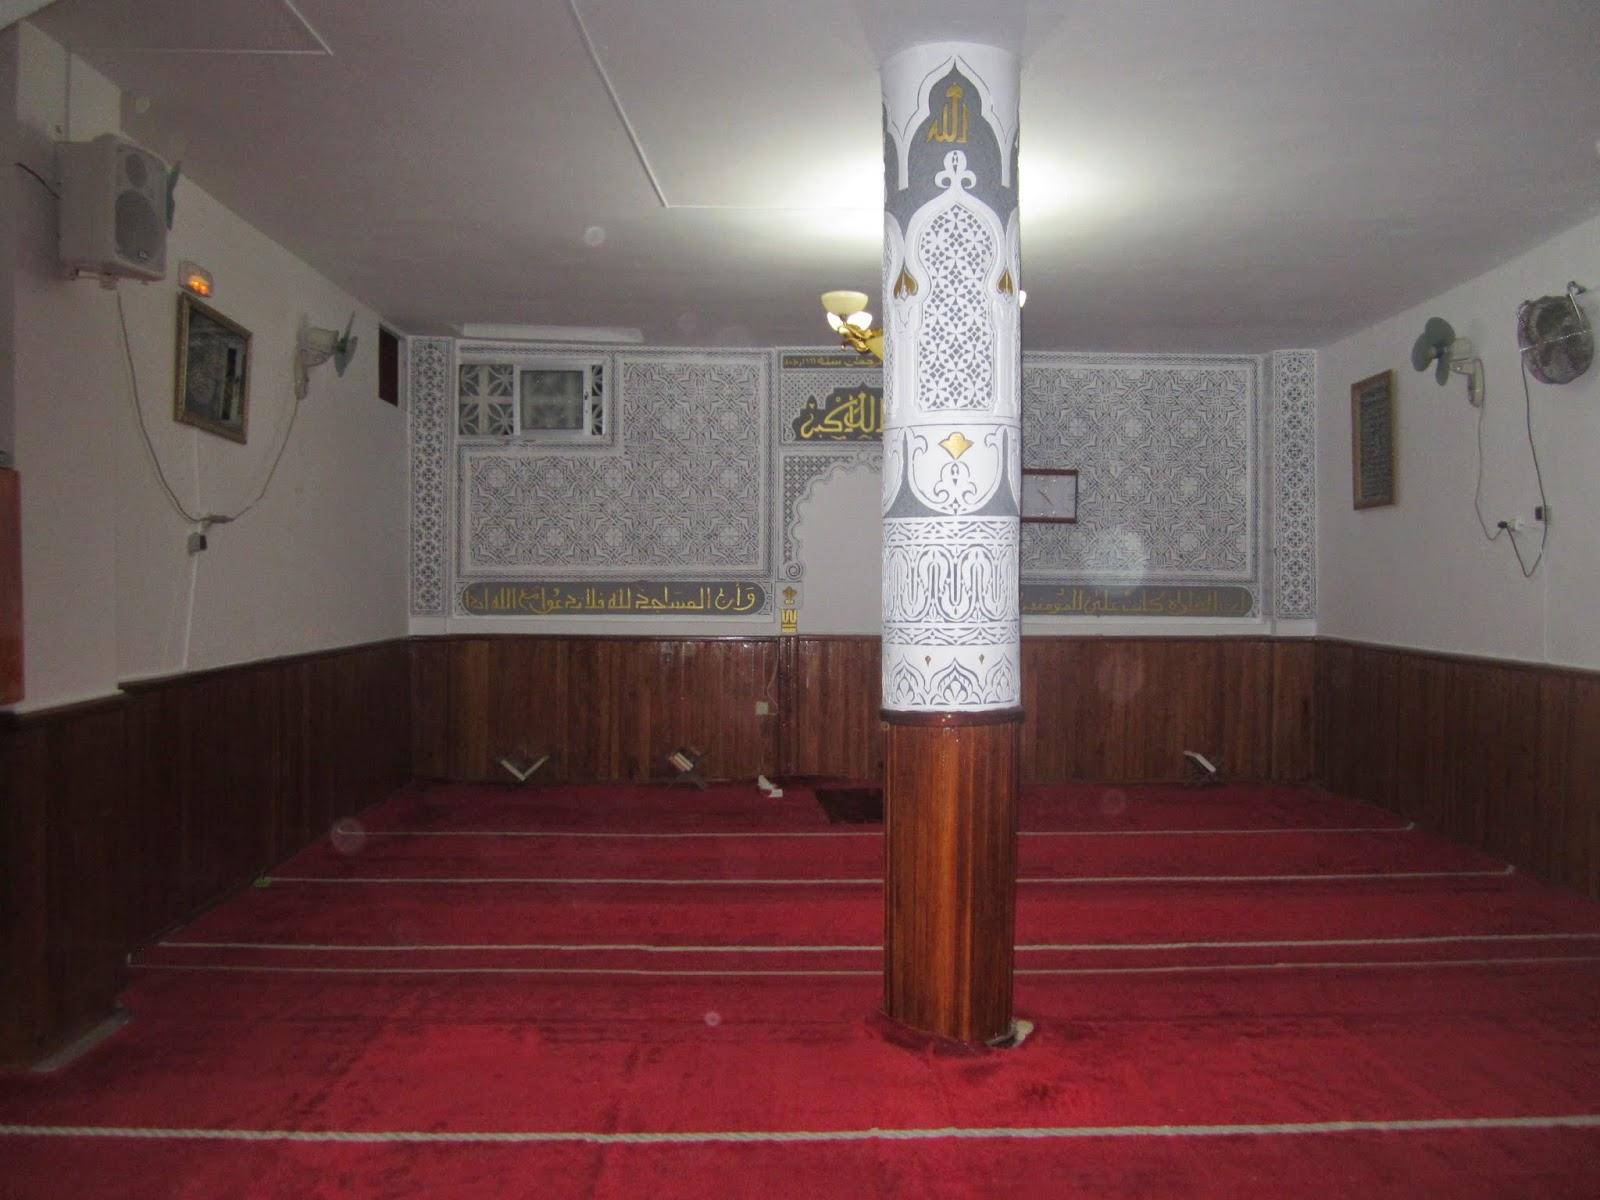 Islam espa a el papel de la ucidce en las mezquitas de ceuta for Alfombras buenas